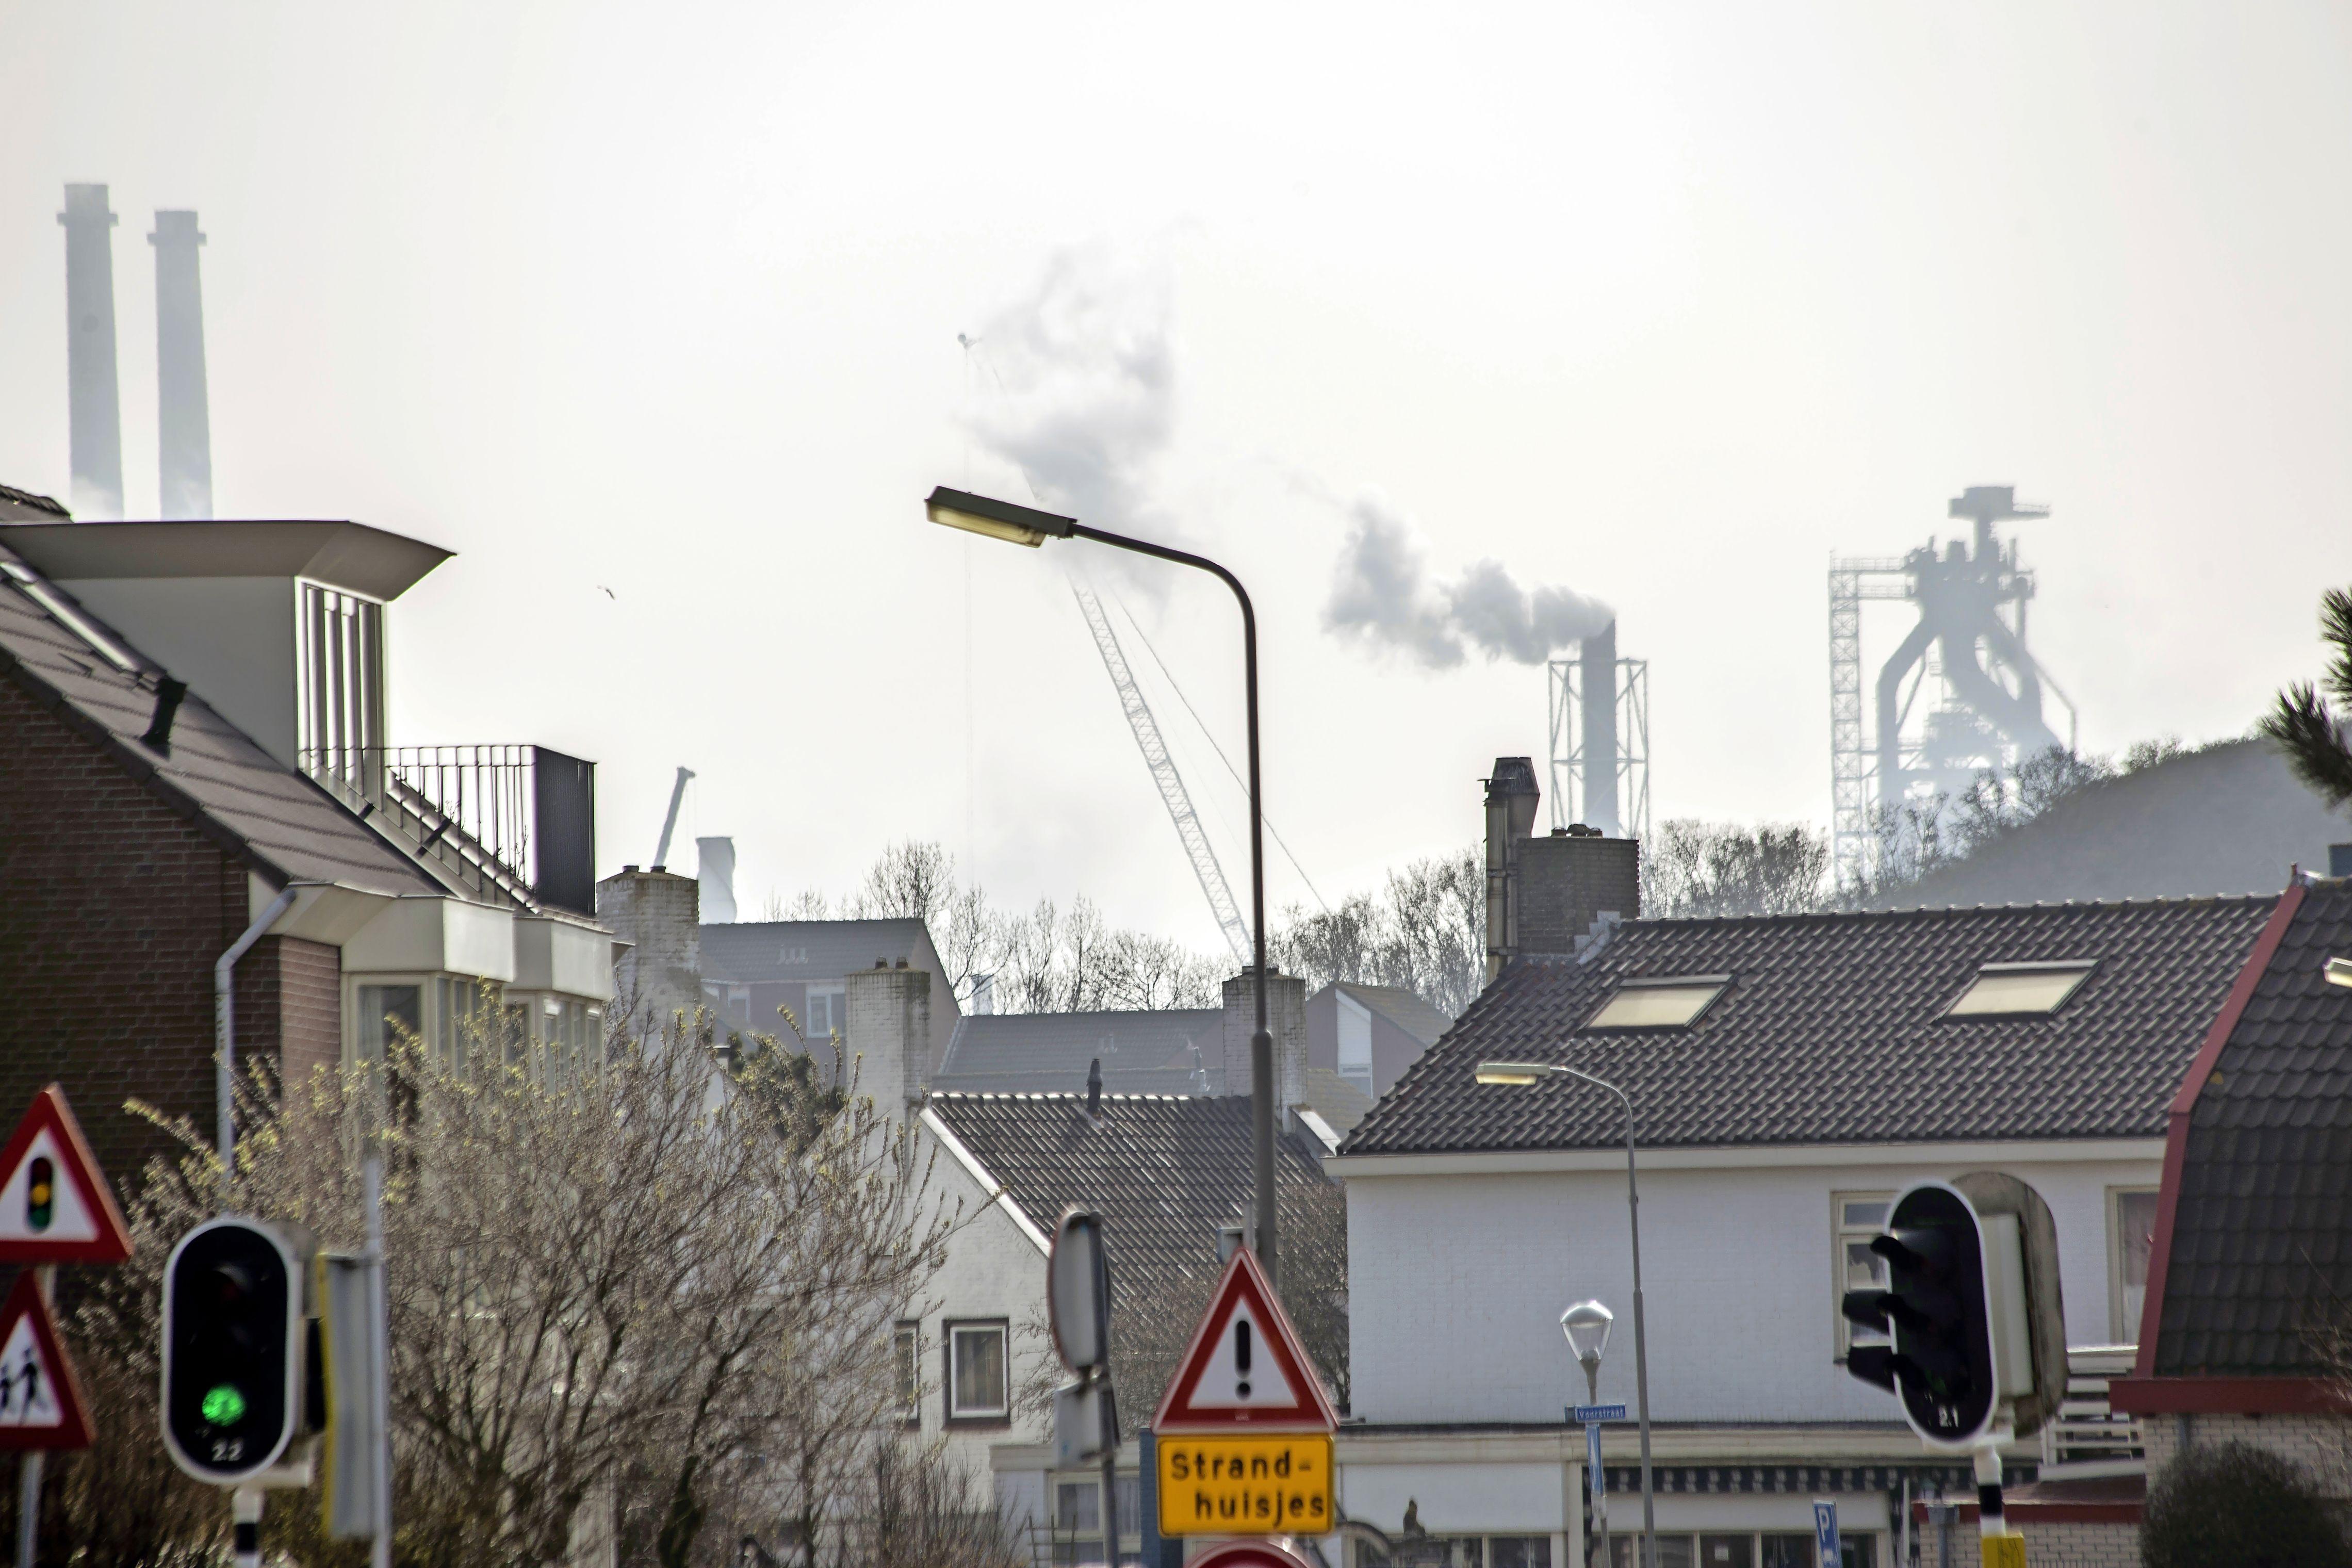 Onder het neerdwarrelend staalstof van Tata stemt Wijk aan Zee groen. 'Dit is het klimaatalarm in stembusvariant'